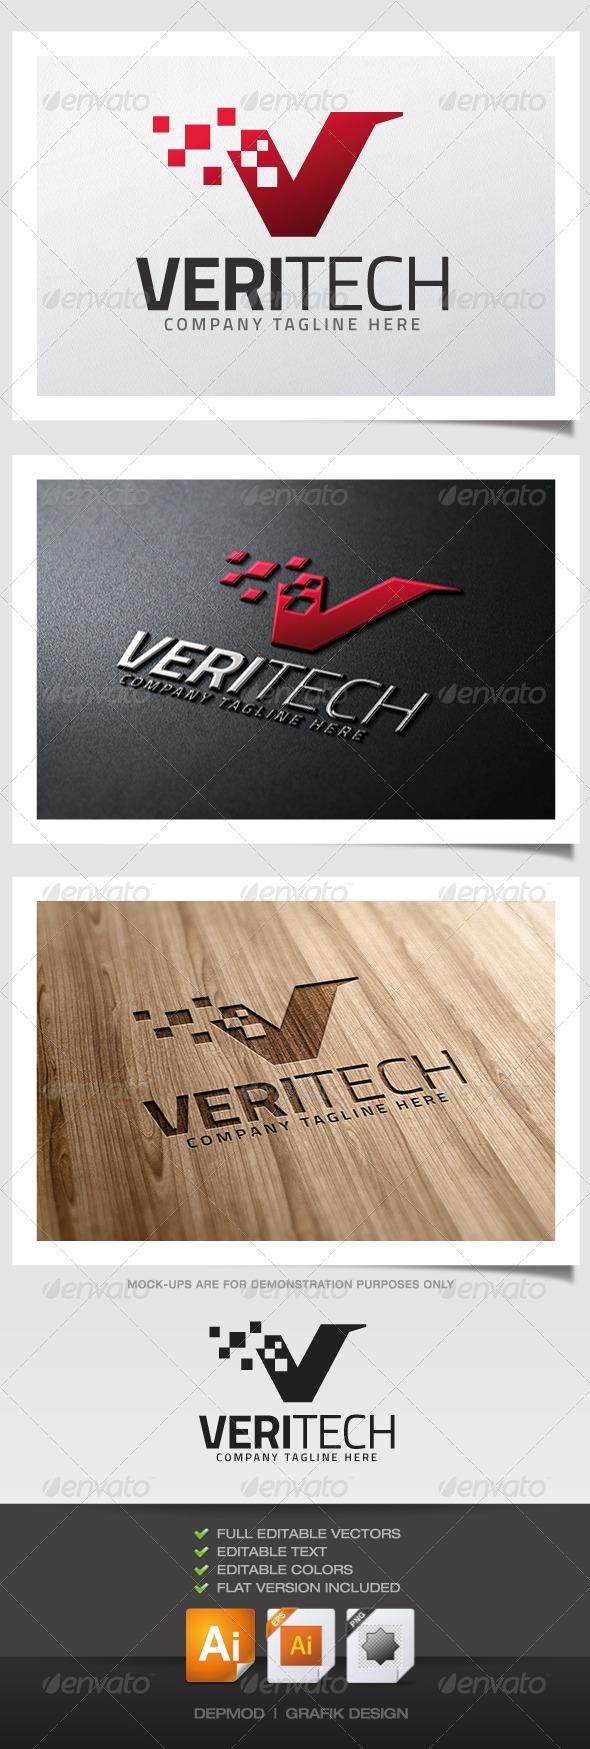 GraphicRiver Veri Tech Logo 5279289